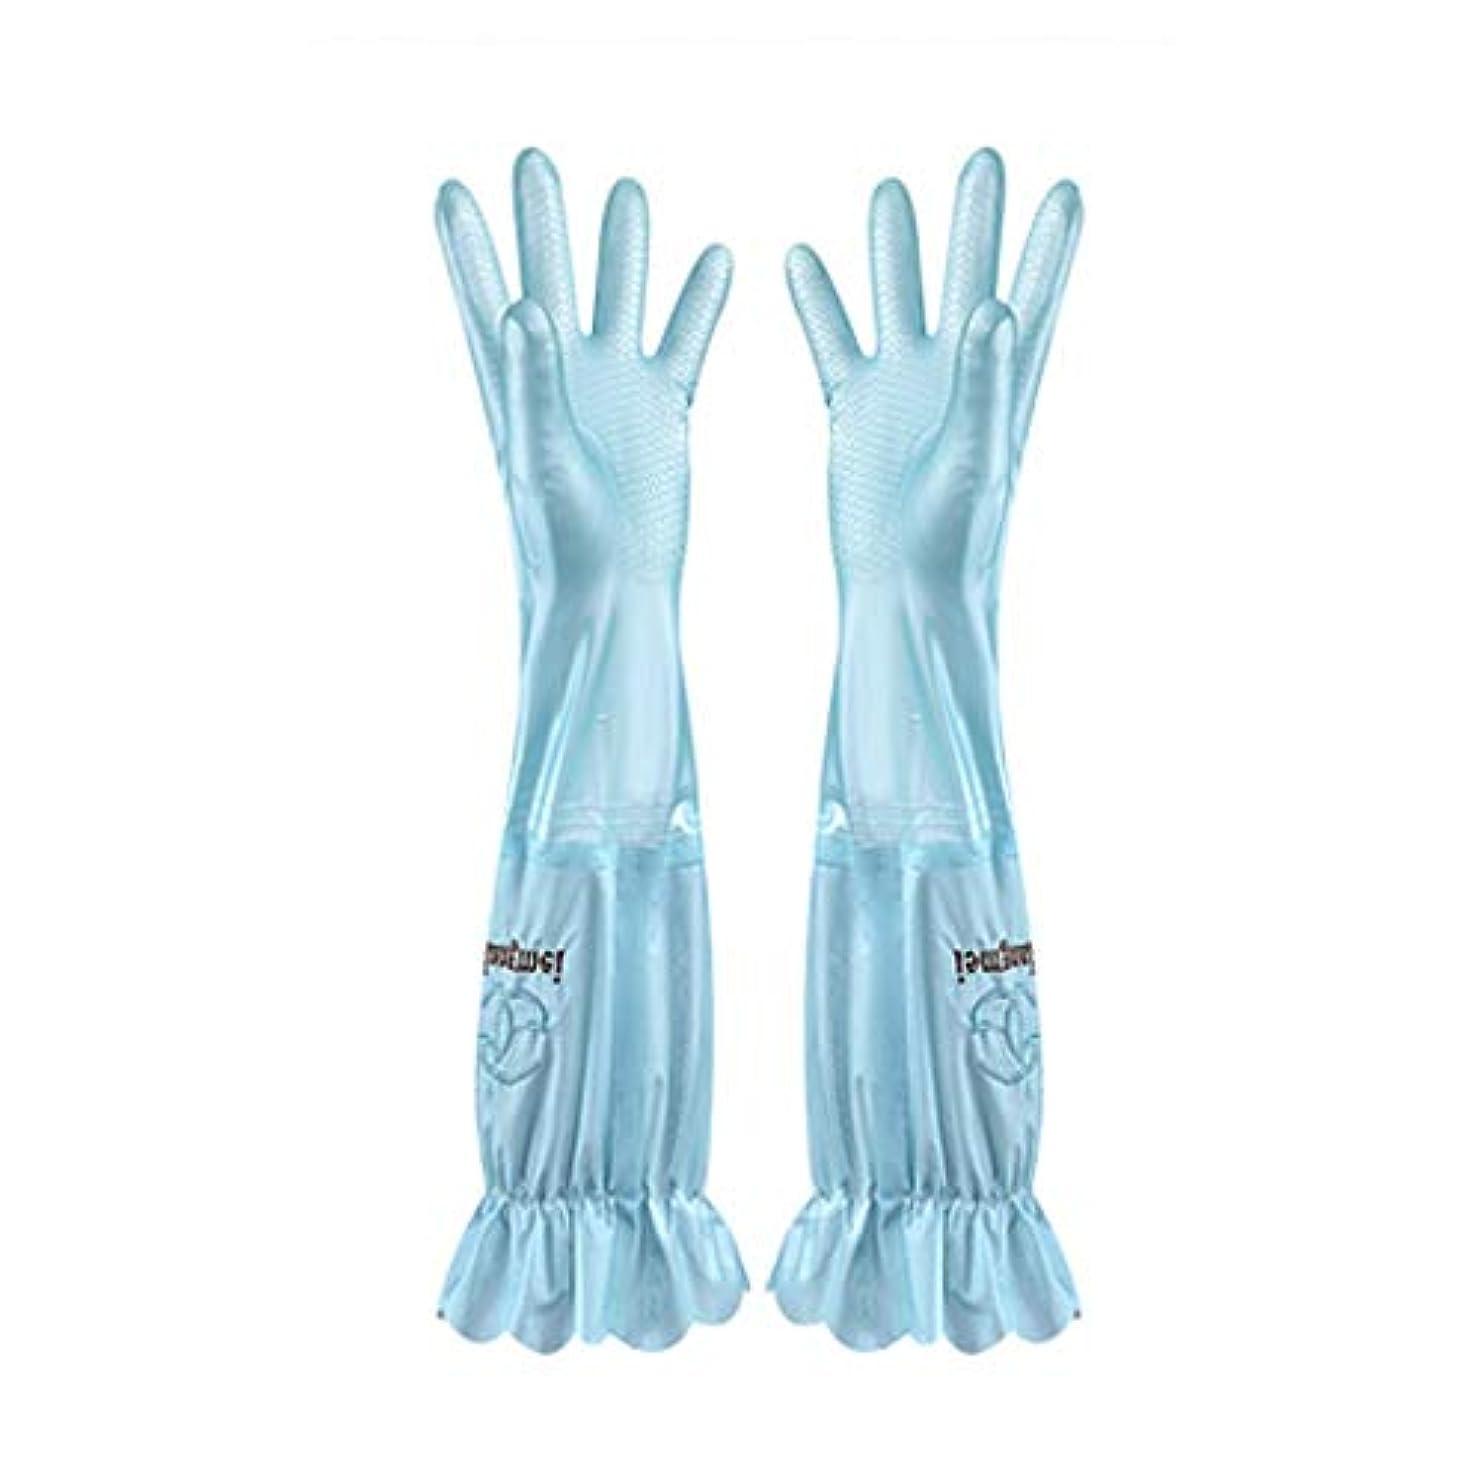 適性電子仲間、同僚使い捨て手袋 食器洗い用手袋水耐久性のあるゴム製台所ゴム製厚いセクションプラスベルベットの手袋、1ペア ニトリルゴム手袋 (Color : BLUE, Size : L)